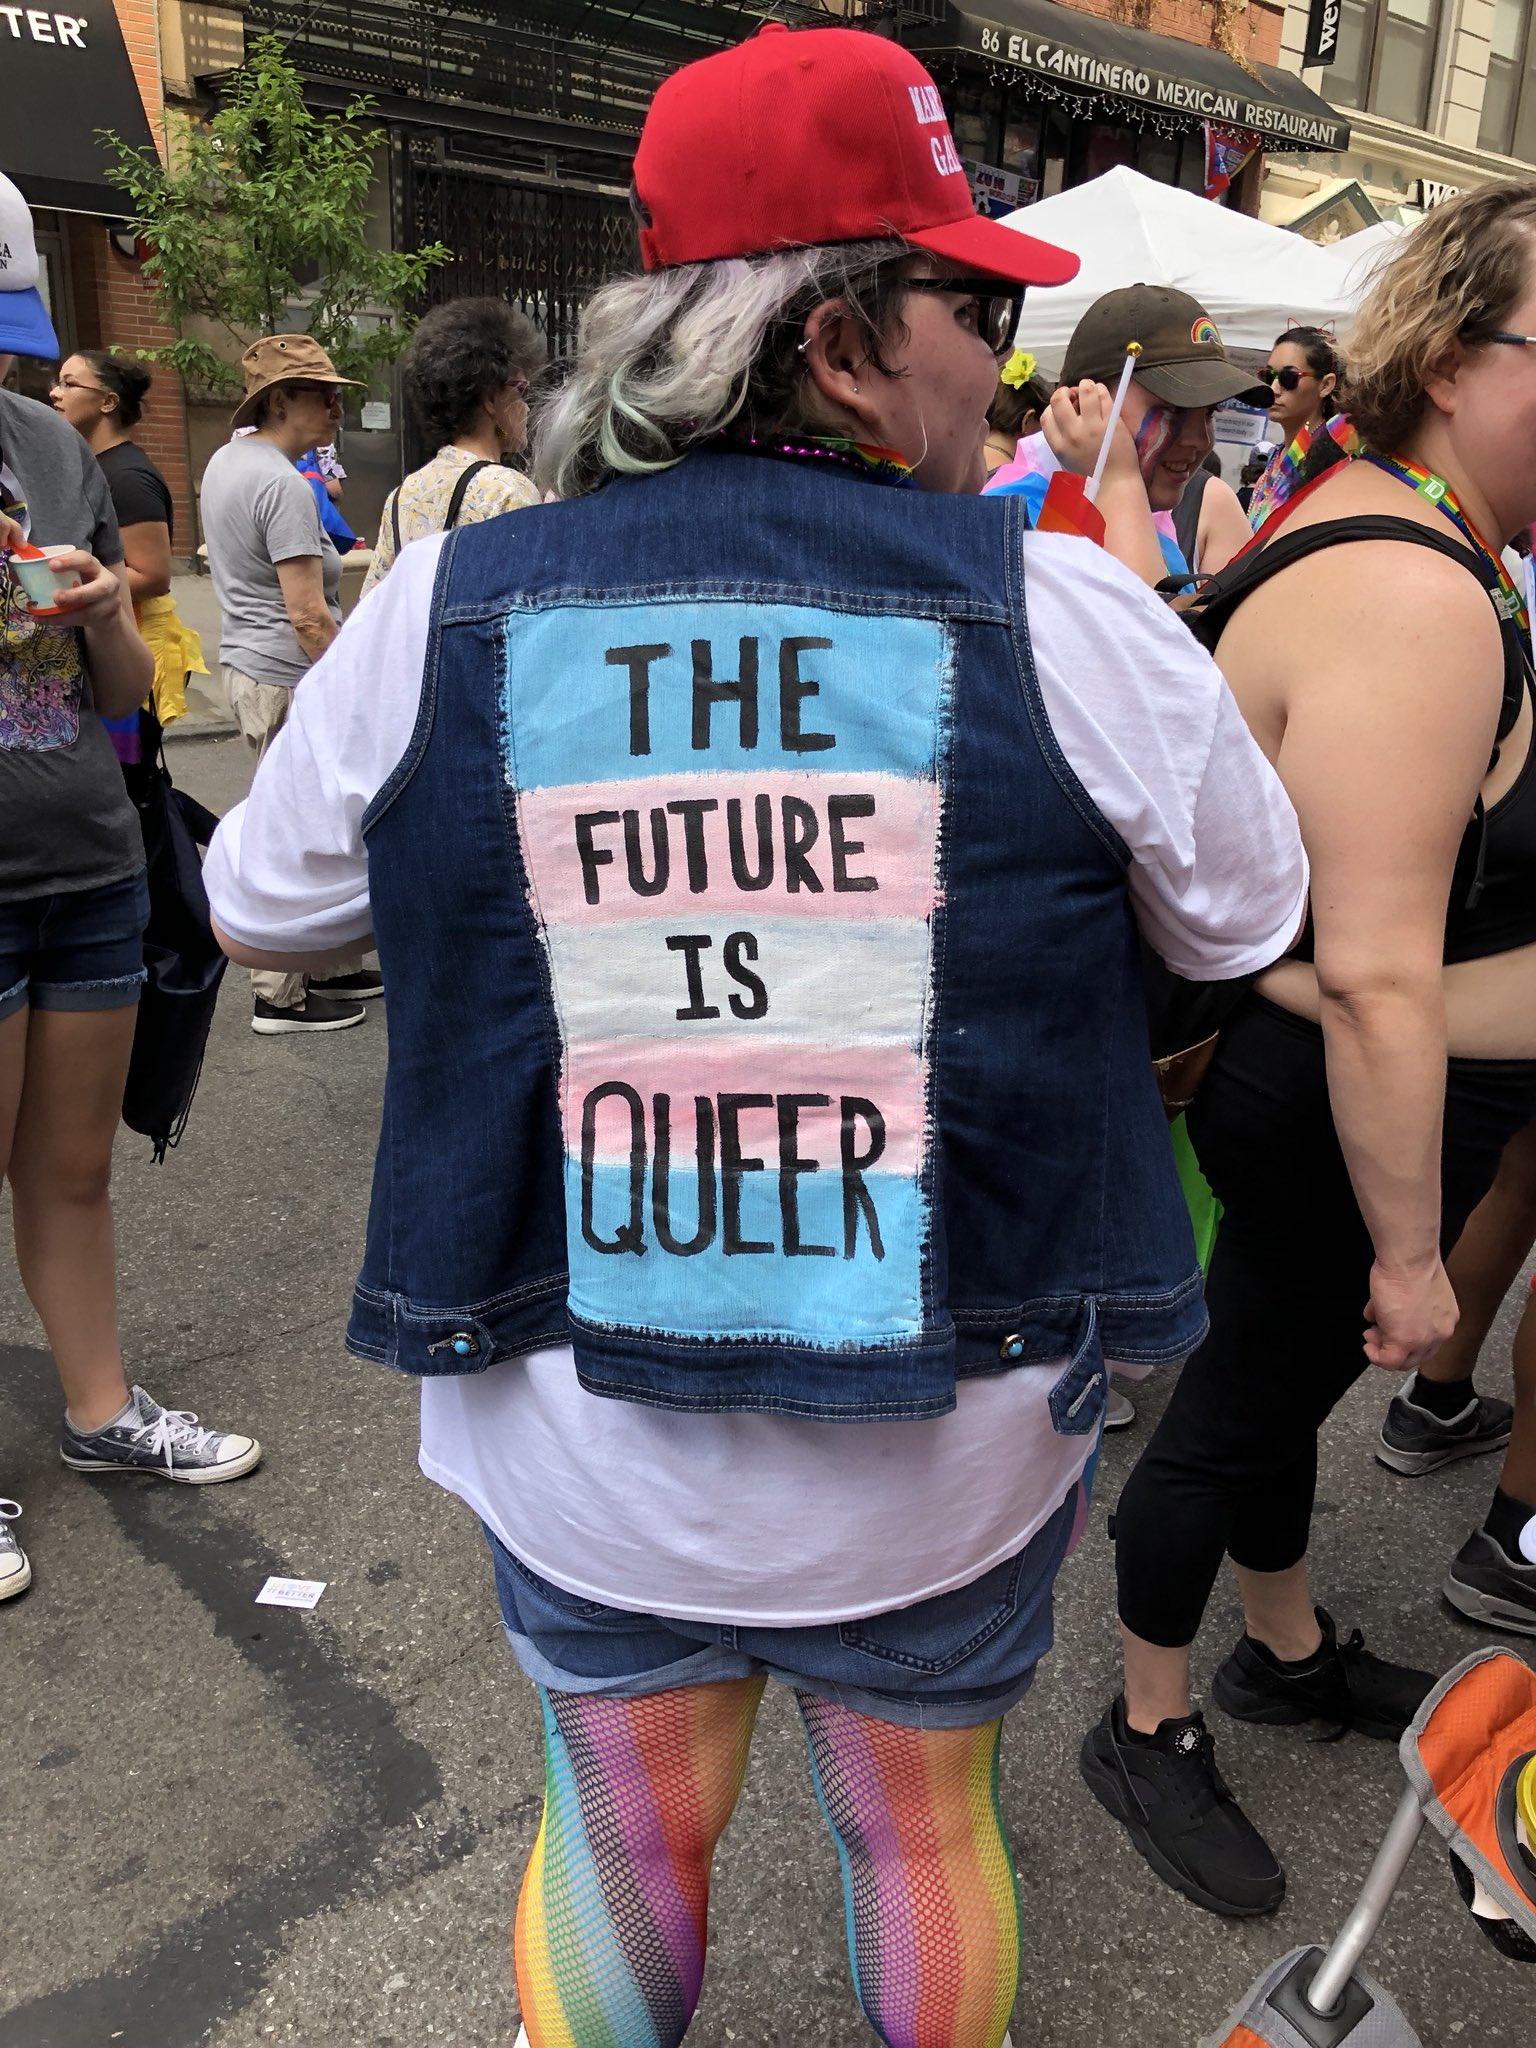 #NYCPride https://t.co/3UKvv7hTT8